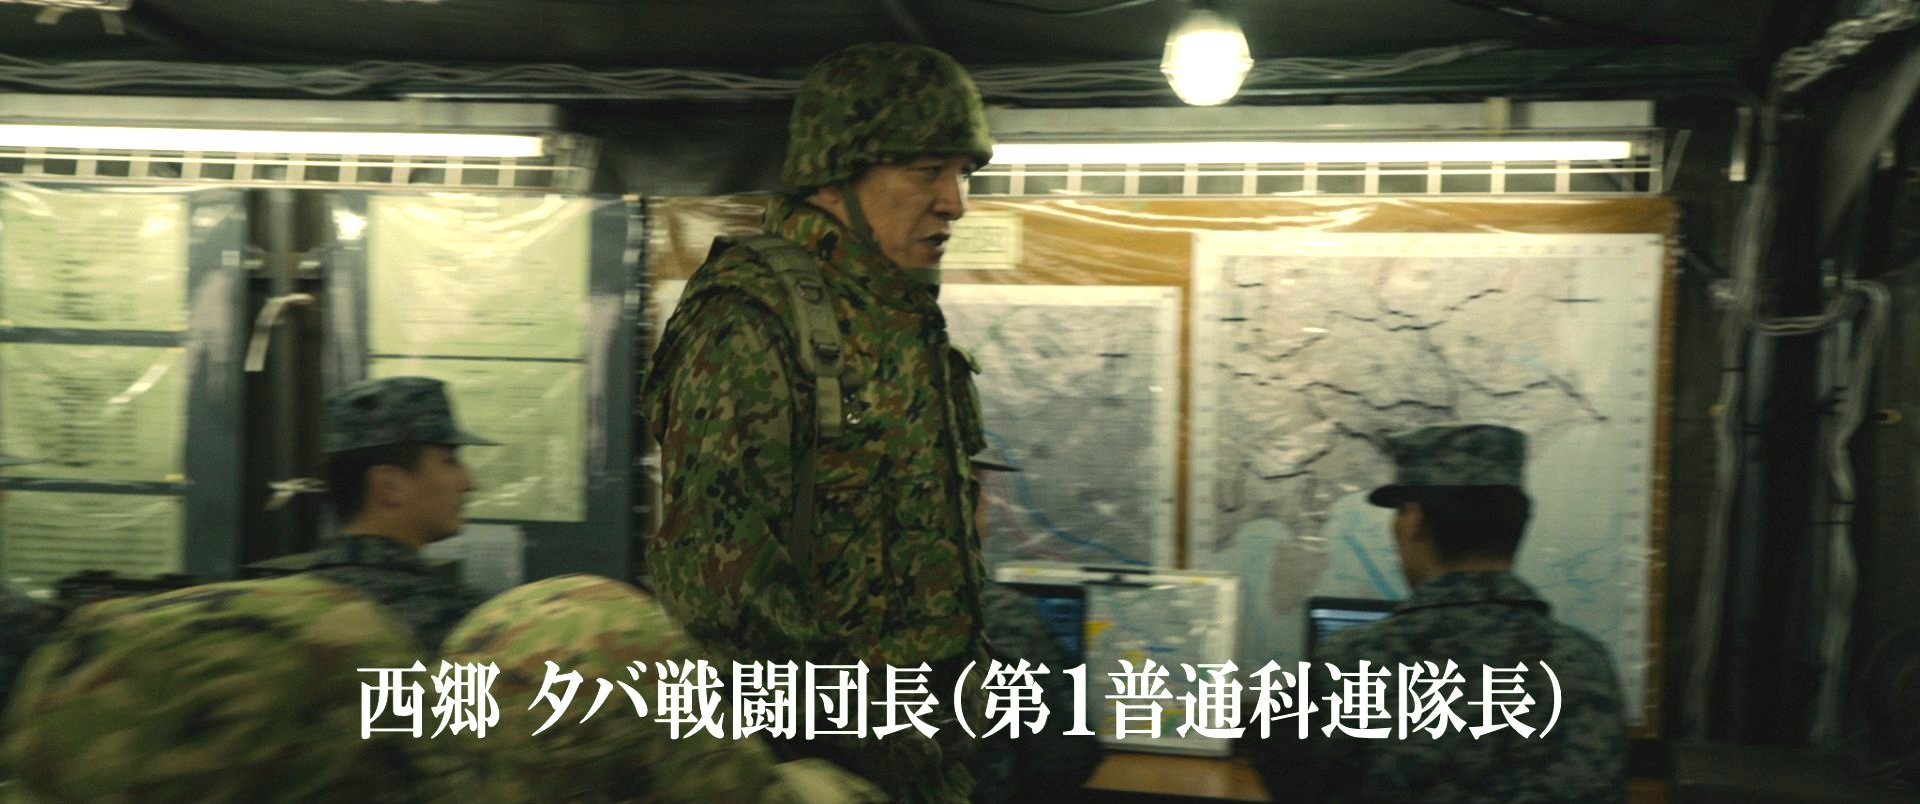 『シン・ゴジラ』ピエール龍出演場面①タバ作戦指揮所 紹介カットでもある